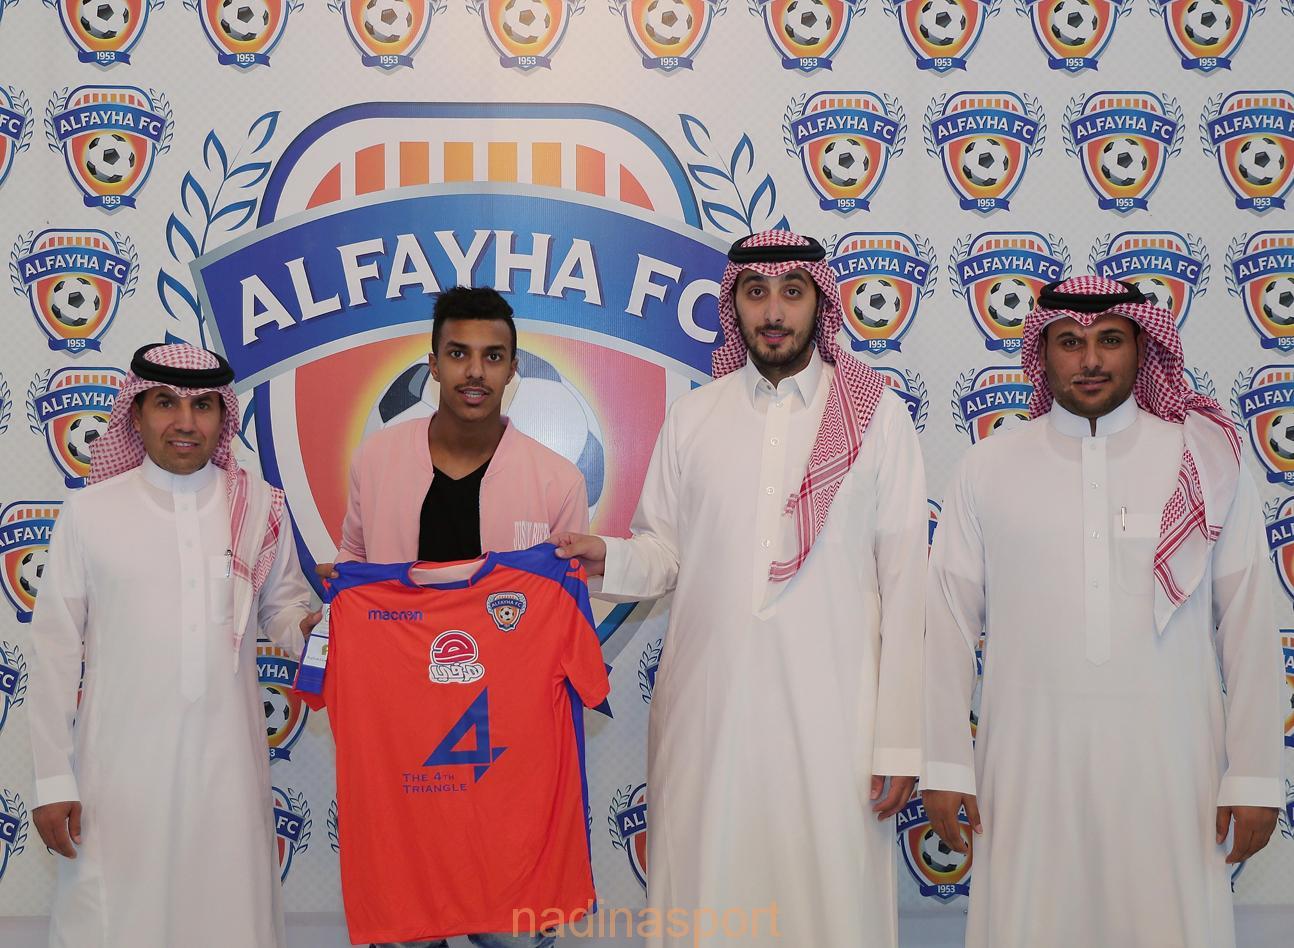 أحمد بامسعود فيحاوي حتى 2021